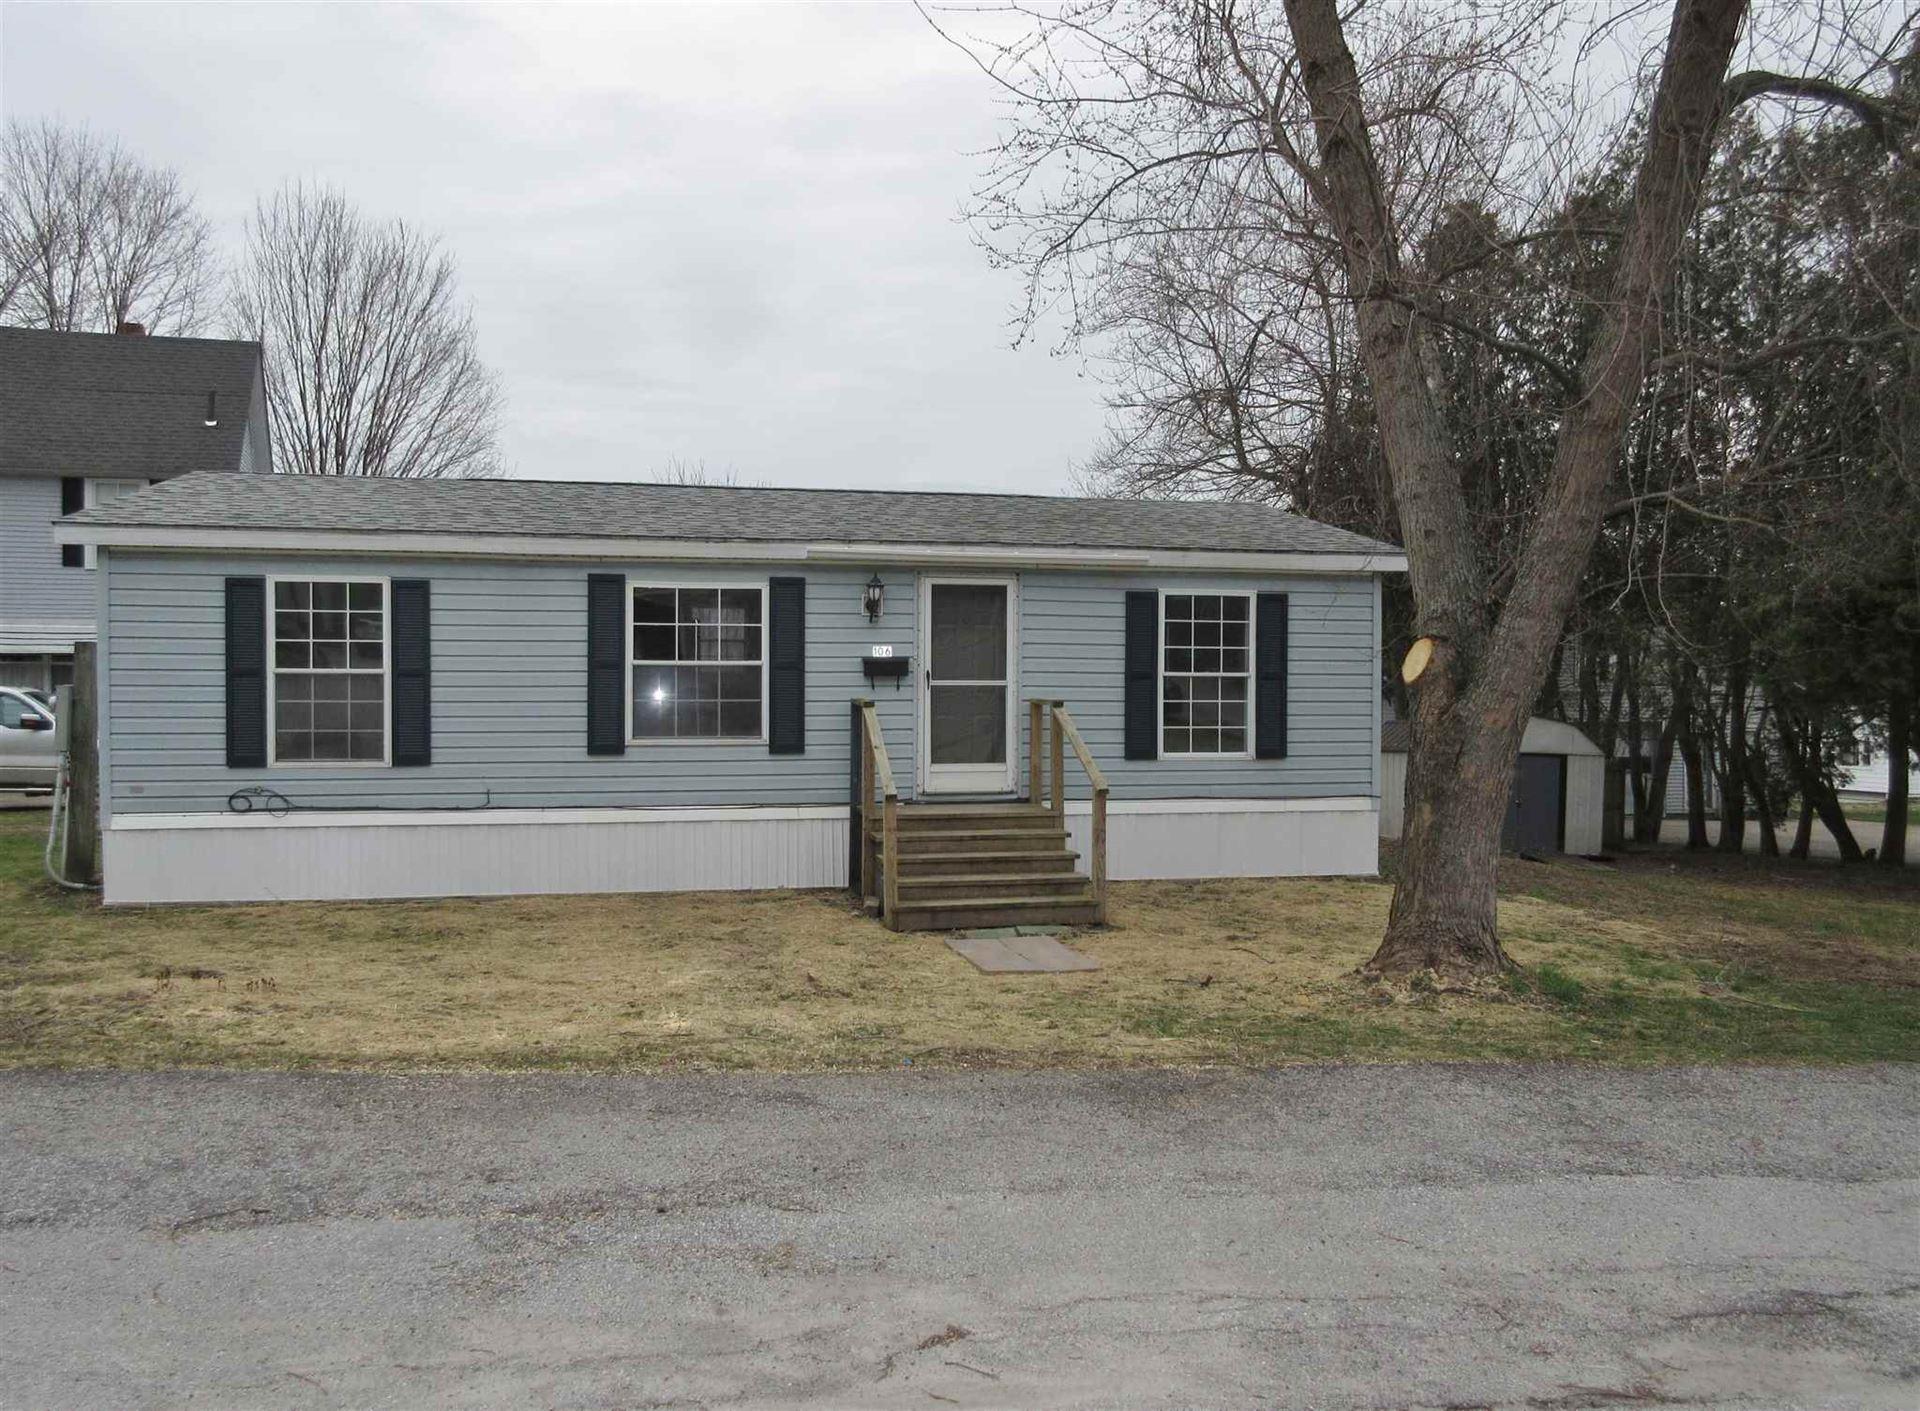 106 Fairview Avenue, Rutland, VT 05701 - MLS#: 4792181